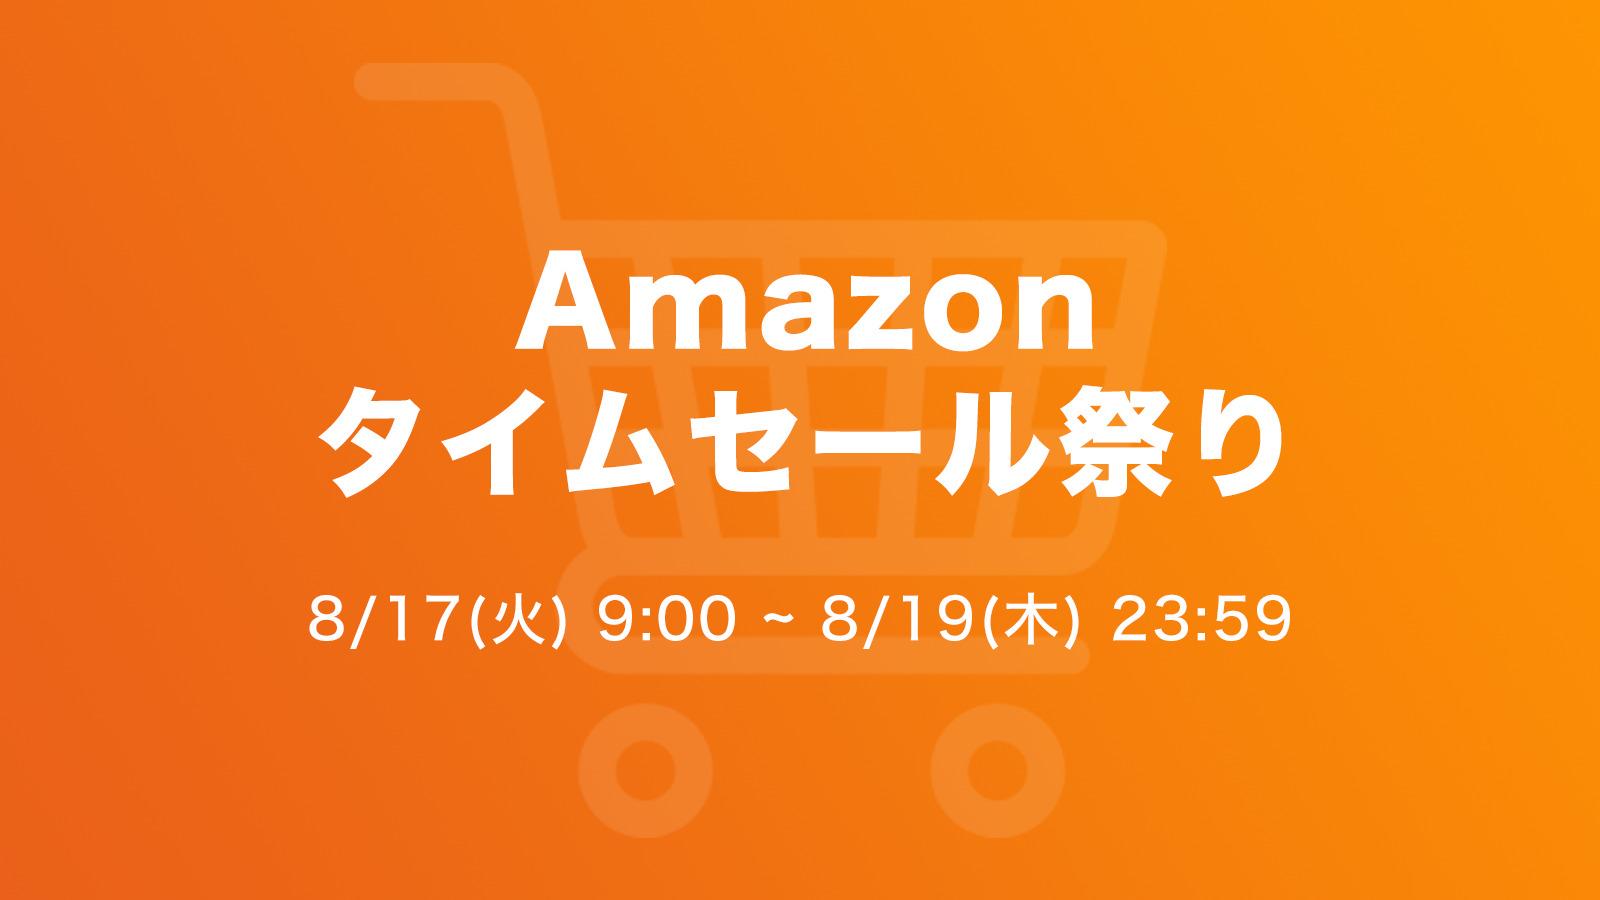 【8/19 23:59まで】Amazonタイムセール祭りで気になったゲーミングデバイスまとめ